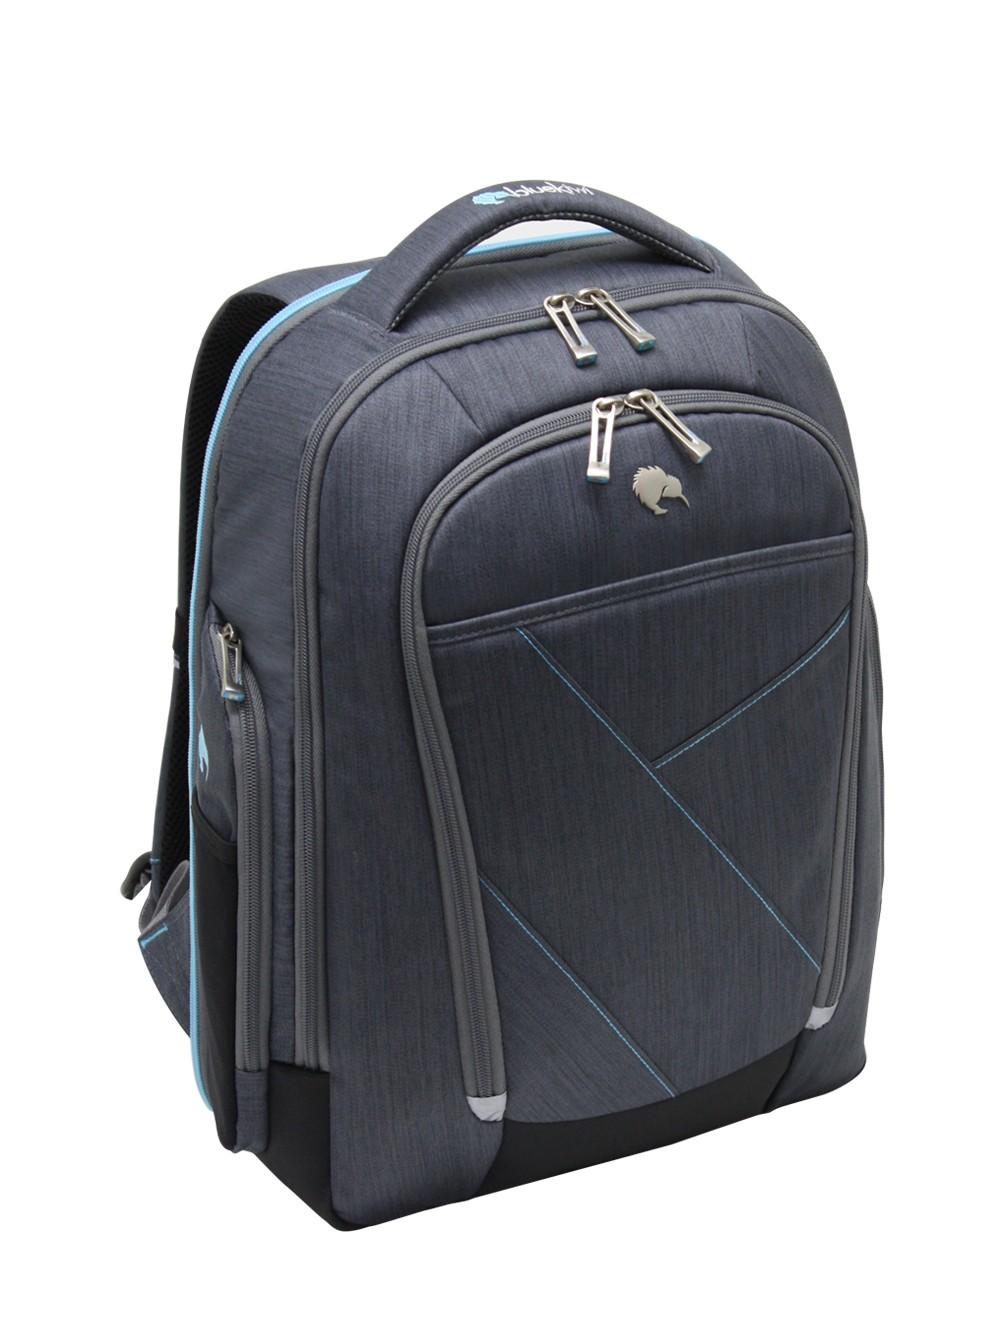 HAKA Backpack